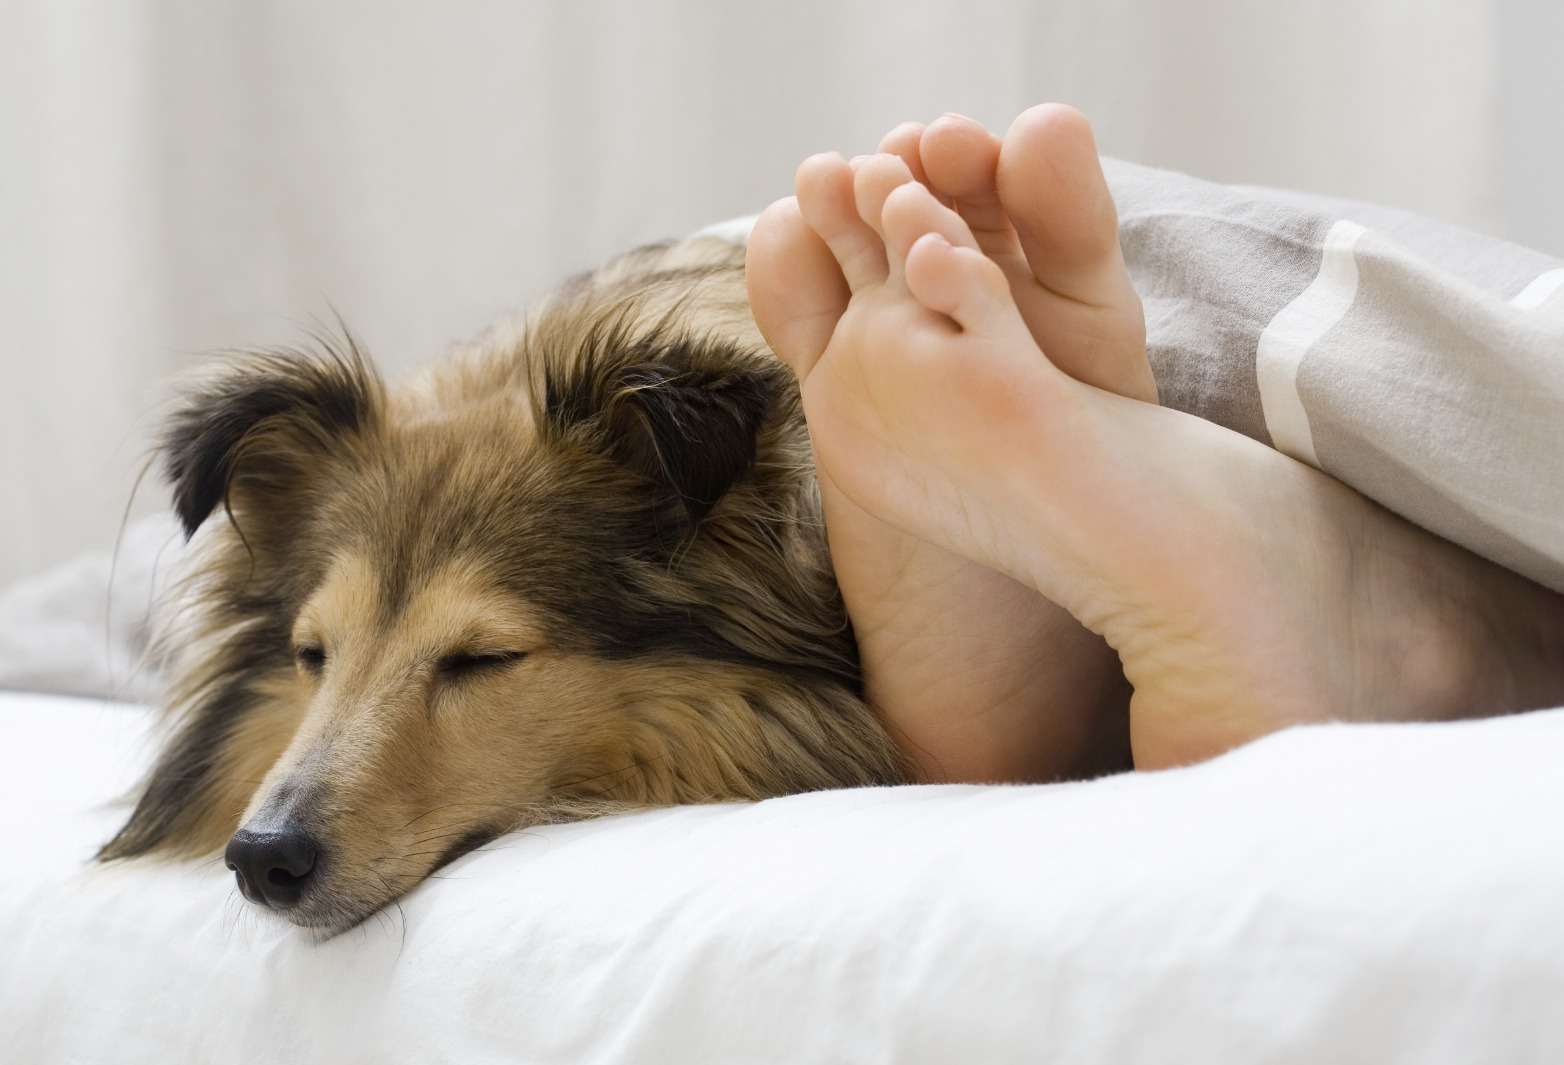 Weekly Economic News Roundup and sleep time impact